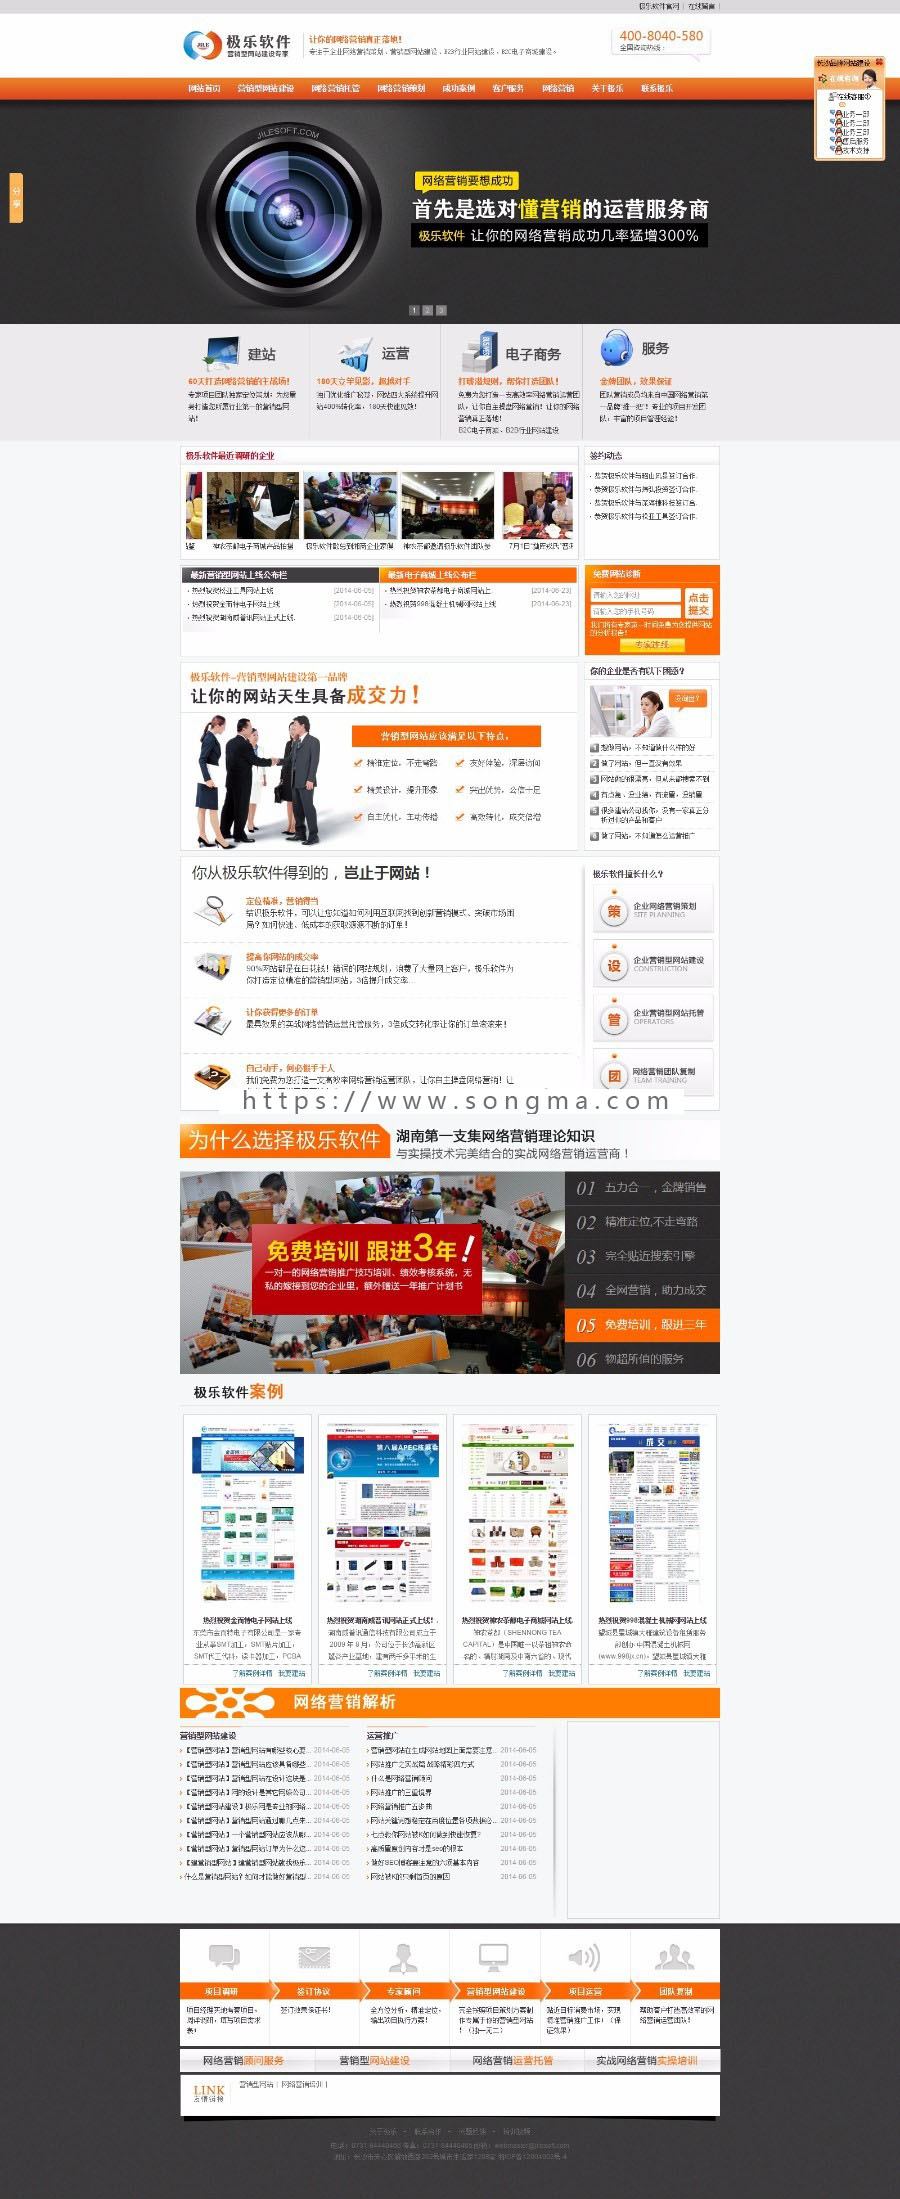 企业网络营销策划、营销型网站建设、B2B行业网站建设极乐软件开发公司